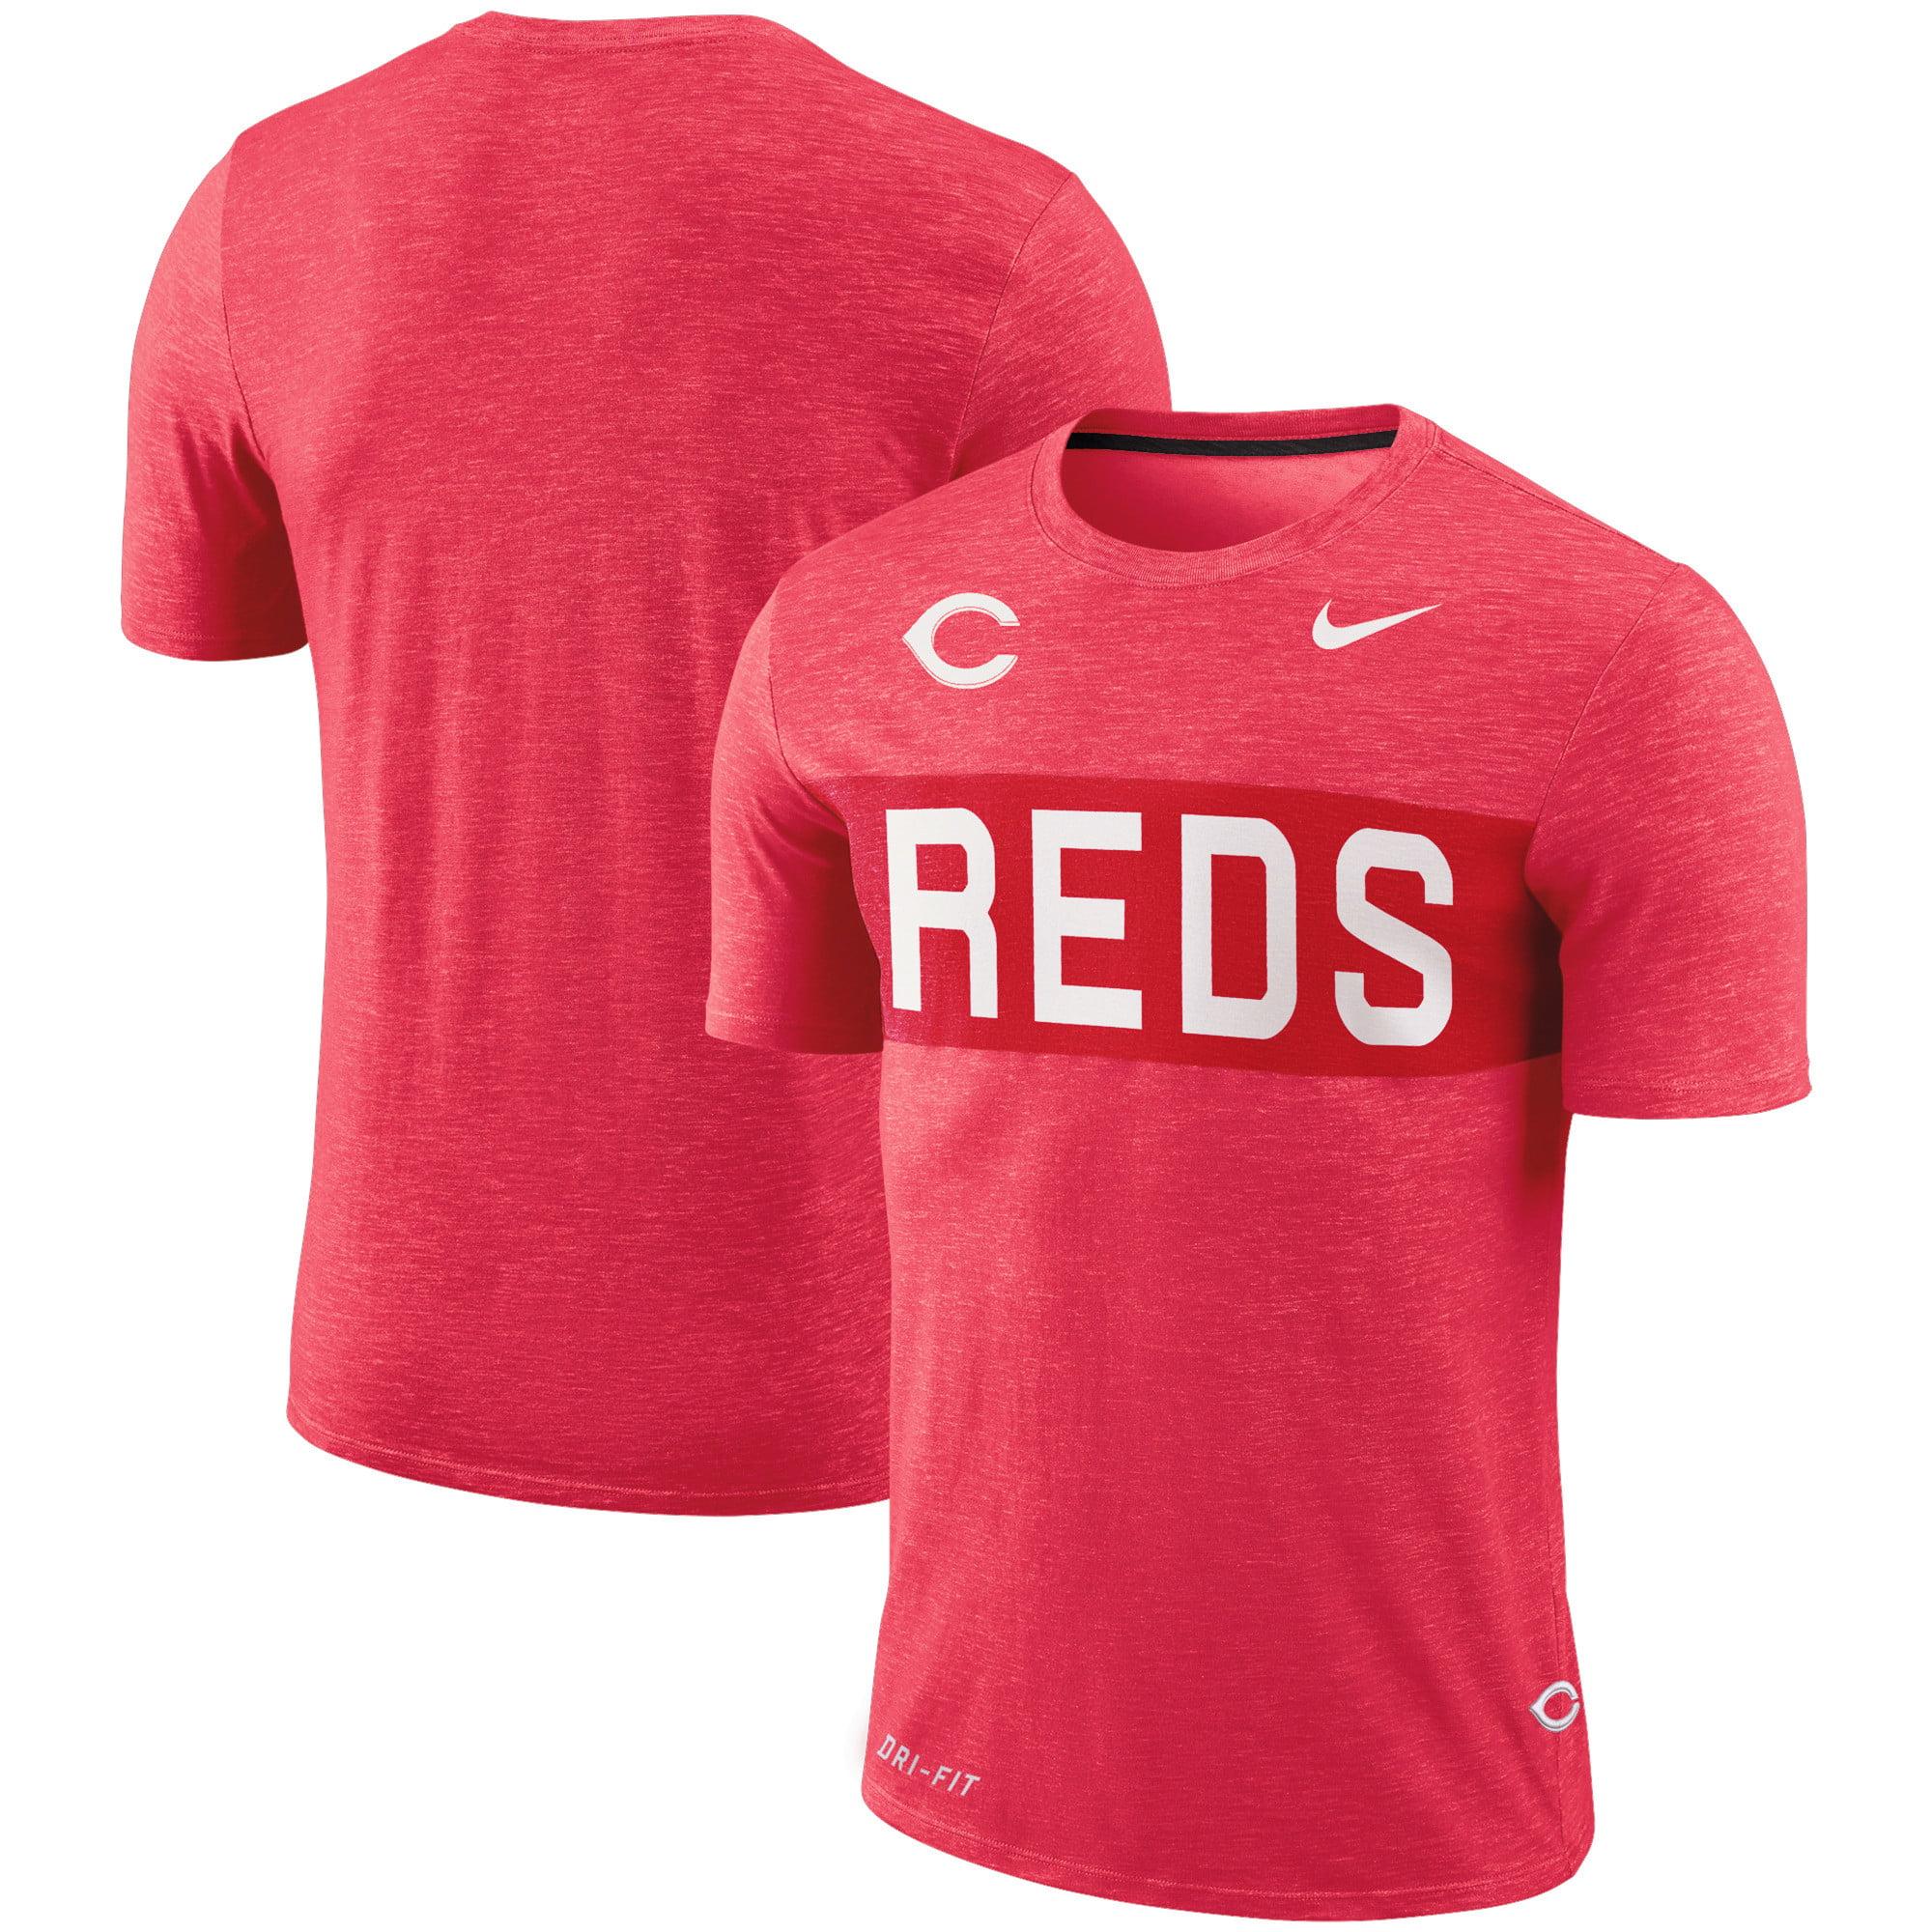 Cincinnati Reds Nike Slub Stripe Performance T-Shirt - Red